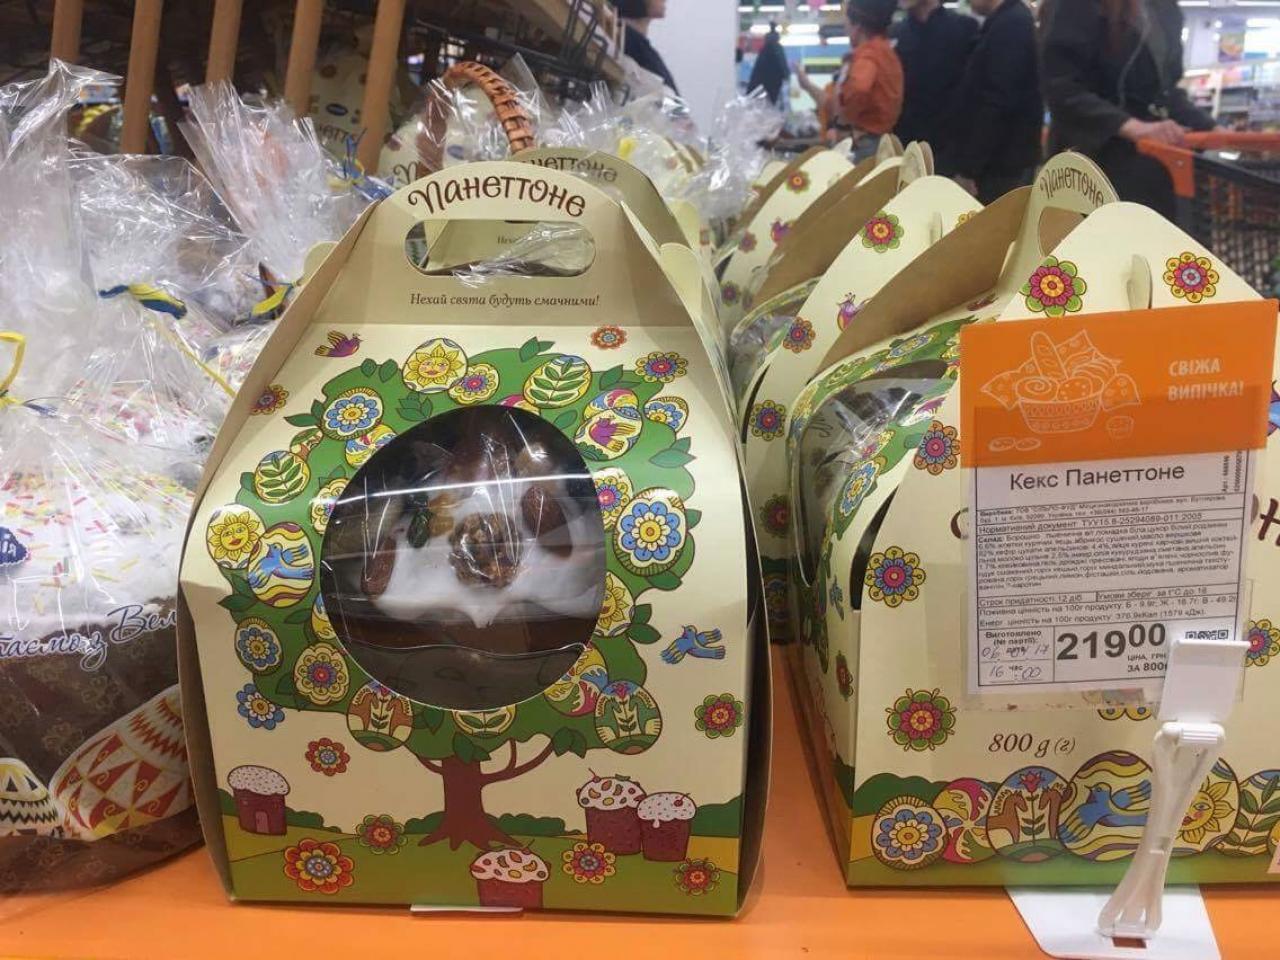 Пасхальные блюда обойдутся тамбовчанам дешевле, чем в2014-м году